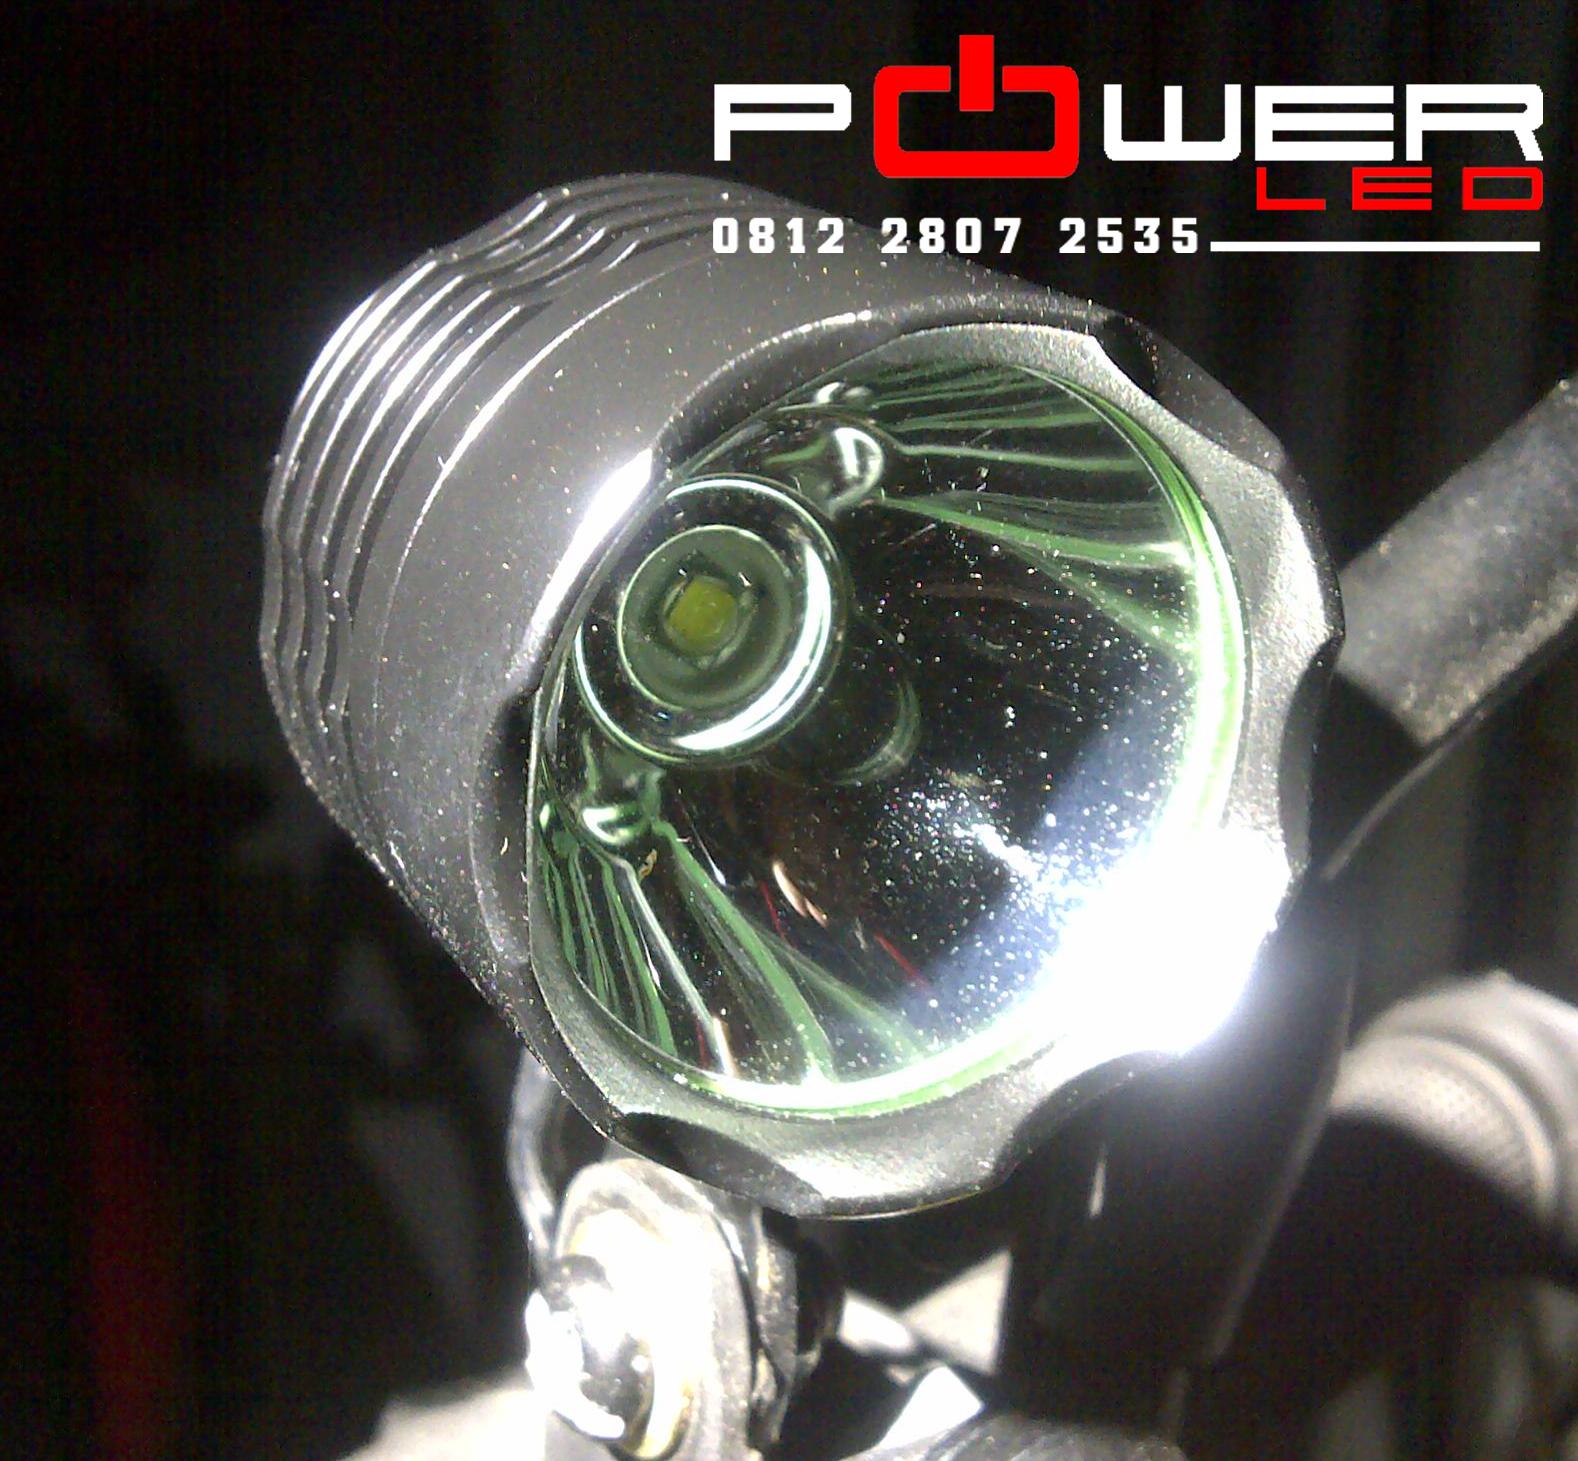 Lampu Cree XML U2 10 watt khusus penggunaan dimobil atau motor sebagai ...